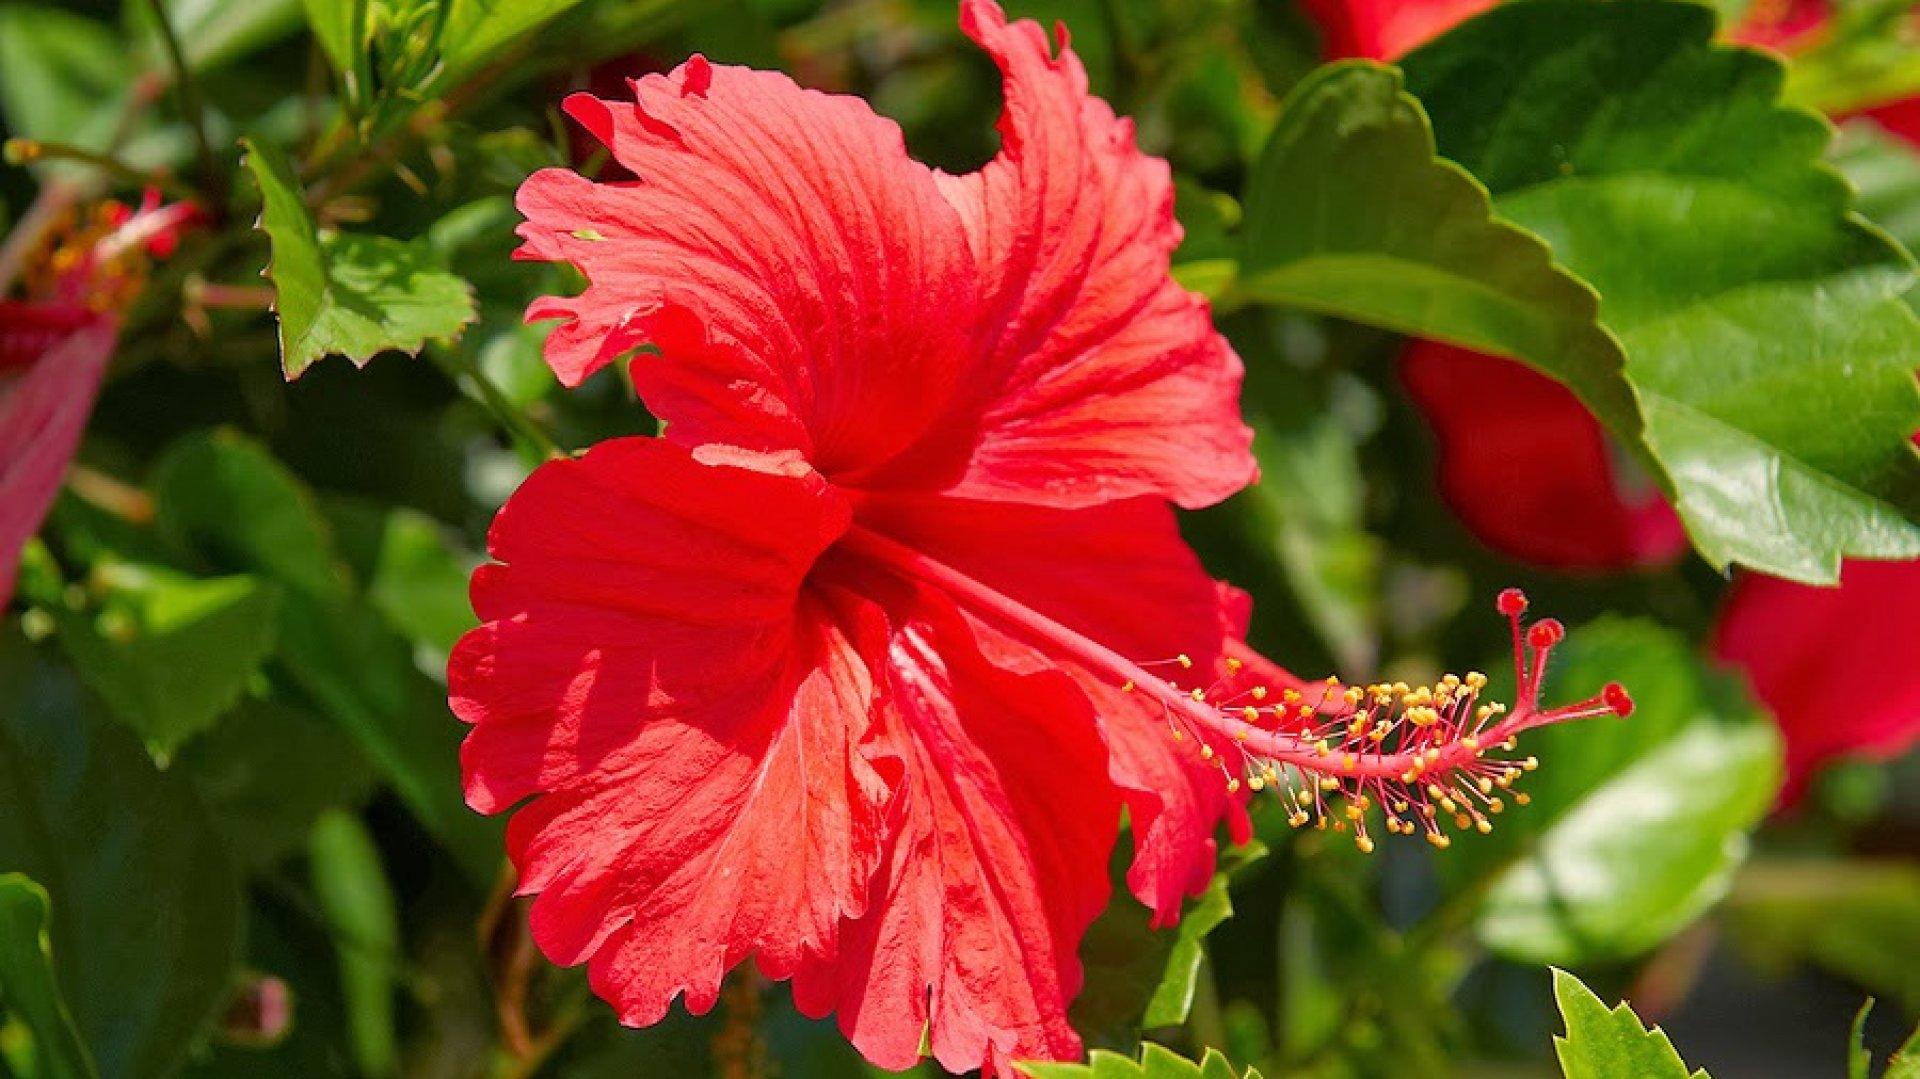 Ceai de hibiscus, beneficii, contraindicații și cum să-l prepari